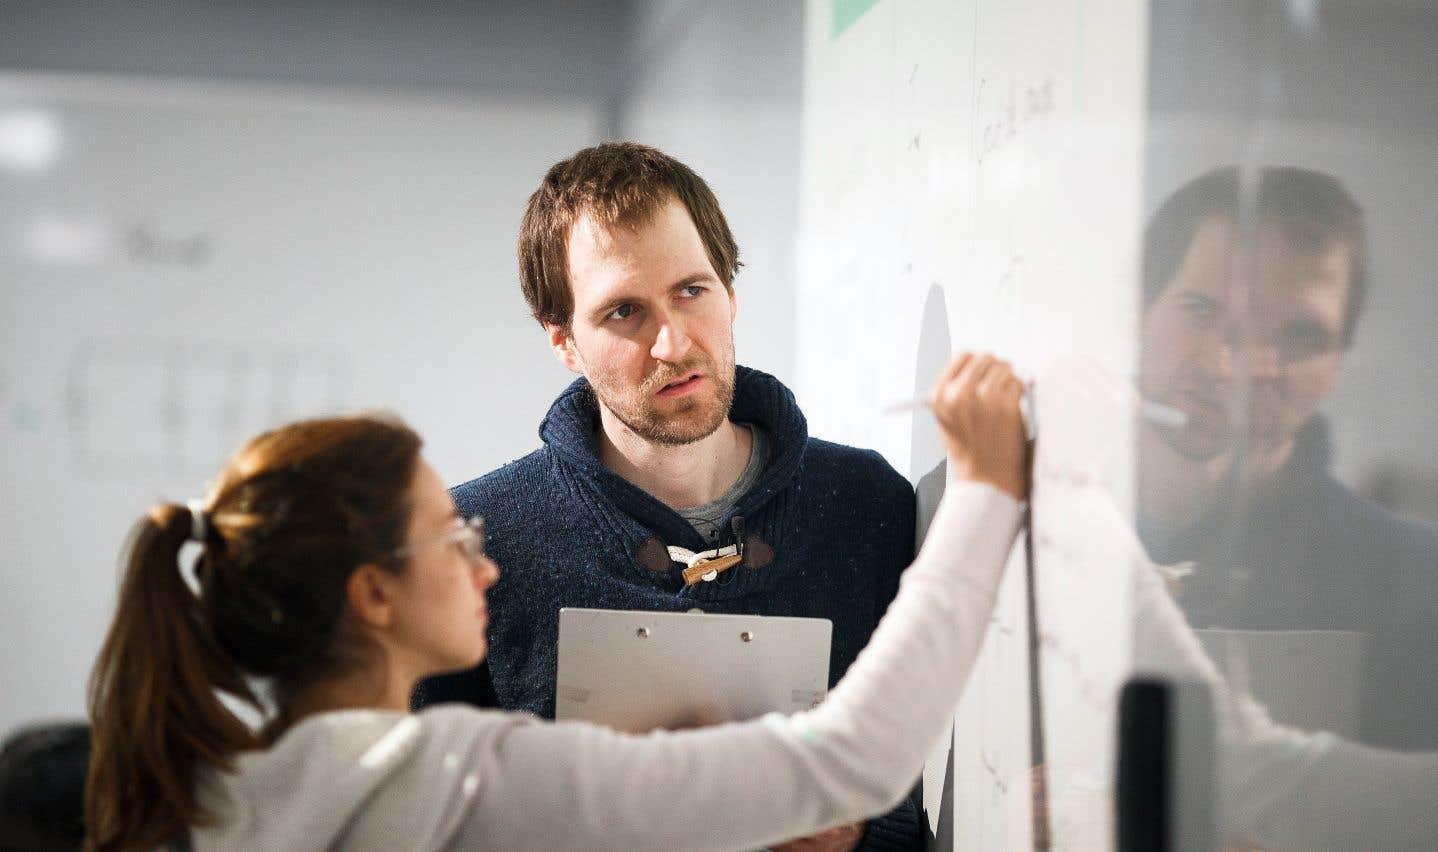 Sébastien Marcotte, enseignant de physique au cégep Montmorency, est l'un des pionniers québécois de la classe inversée, une approche pédagogique qui renverse le principal paradigme en éducation.